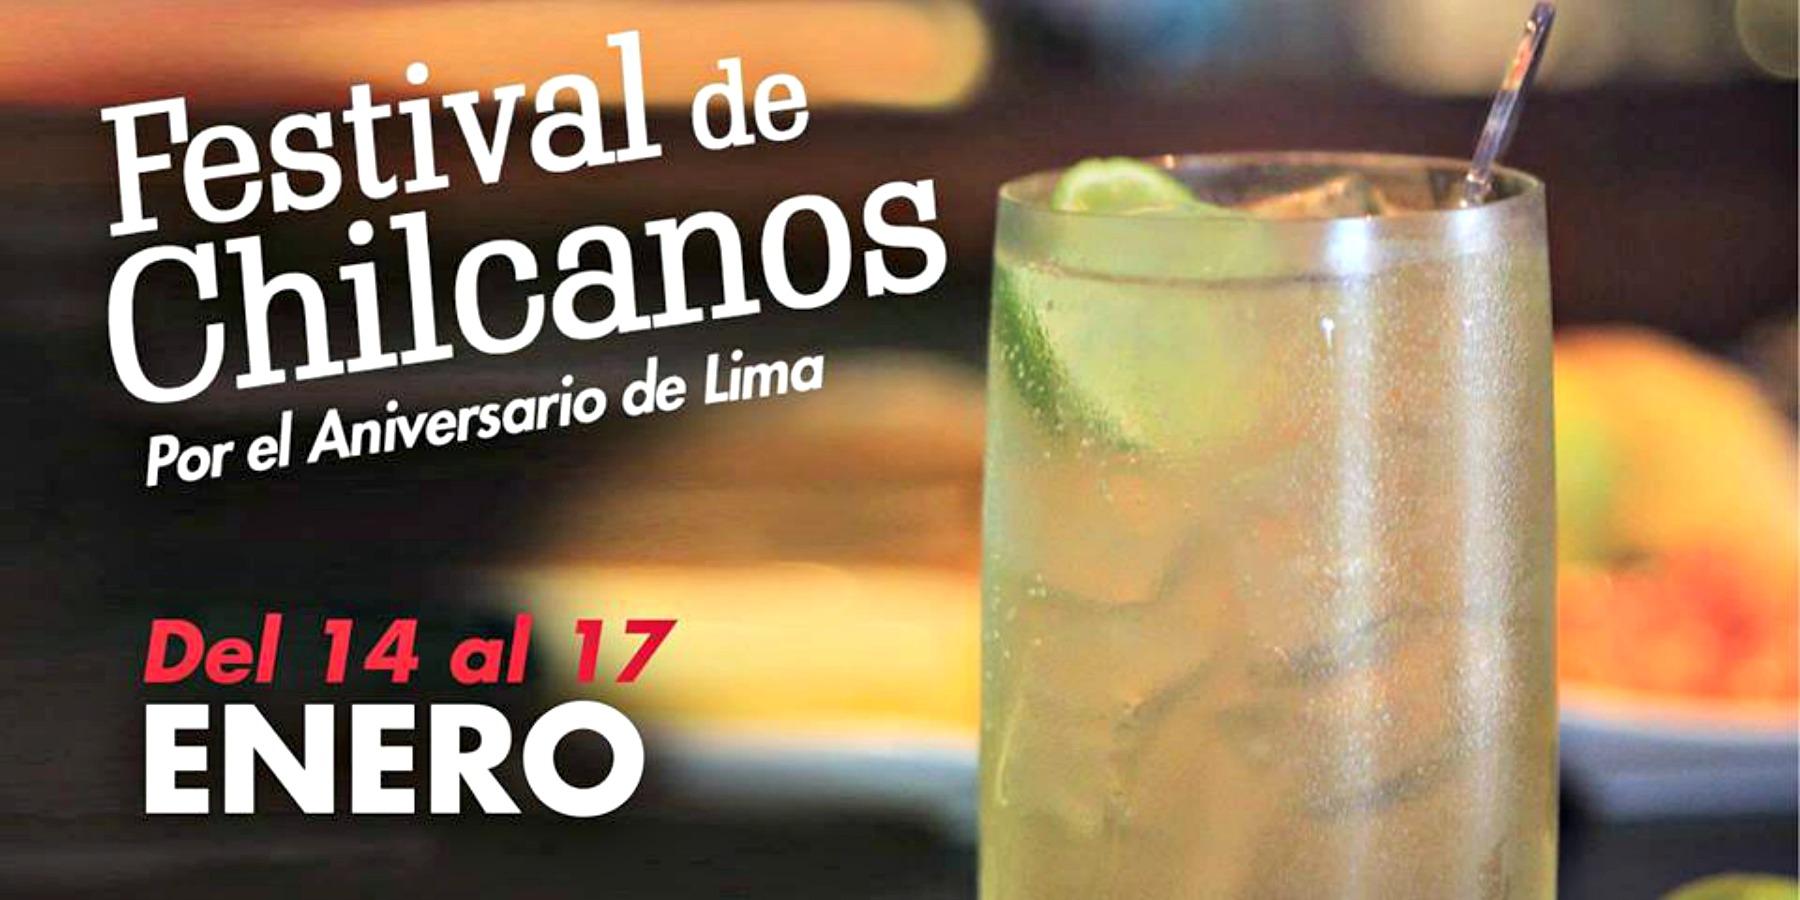 Festival De Chilcanos